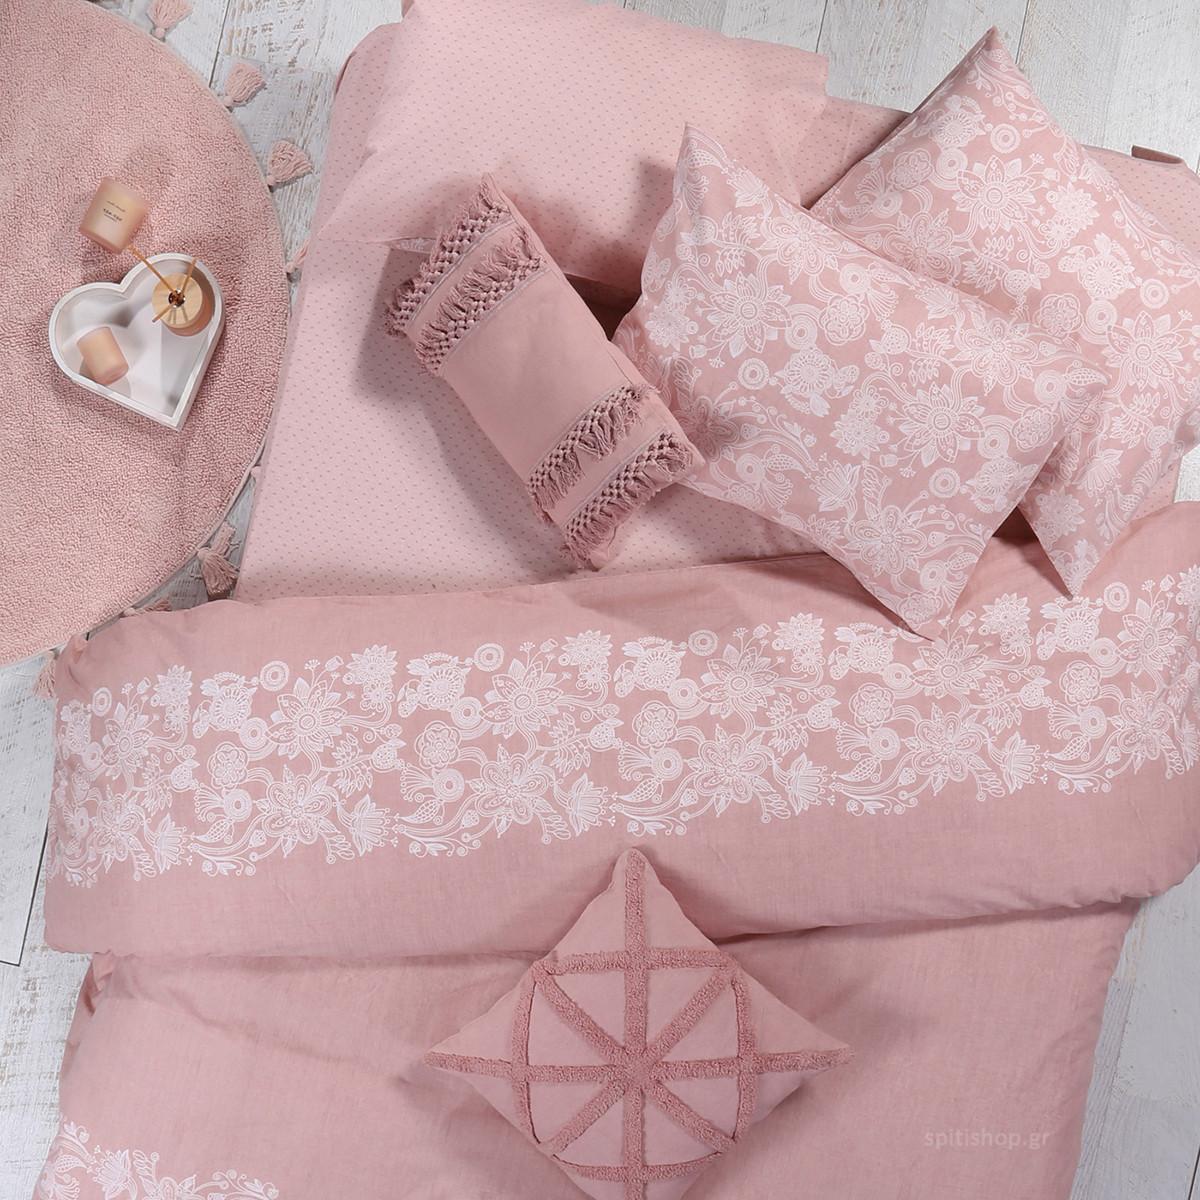 Κουβερλί Μονό Nef-Nef Smart Line Semplice Pink home   κρεβατοκάμαρα   κουβερλί   κουβερλί μονά